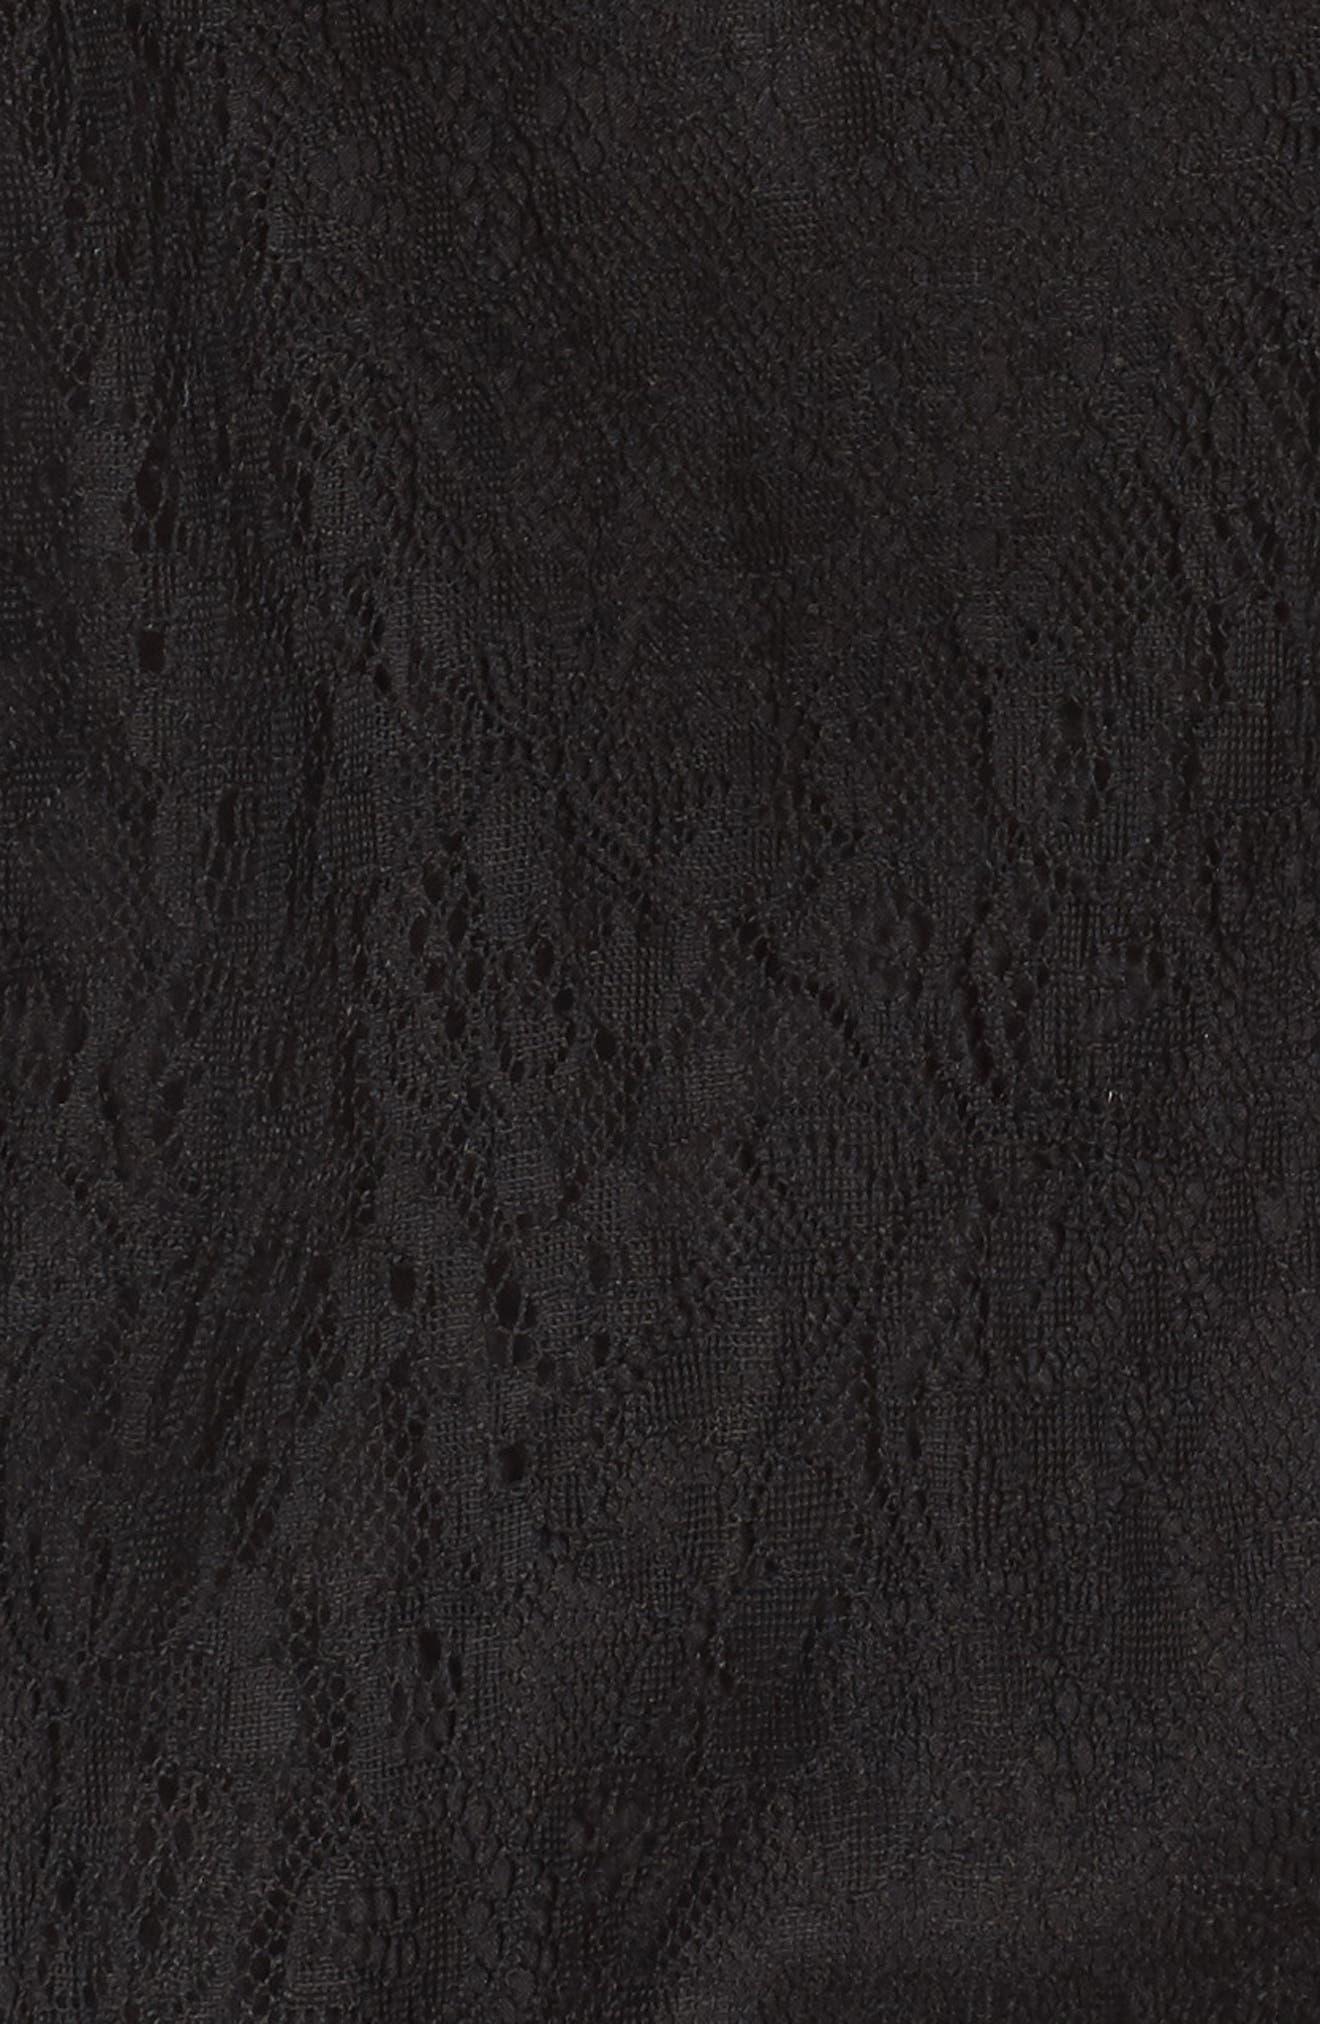 Lace Dress,                             Alternate thumbnail 5, color,                             001